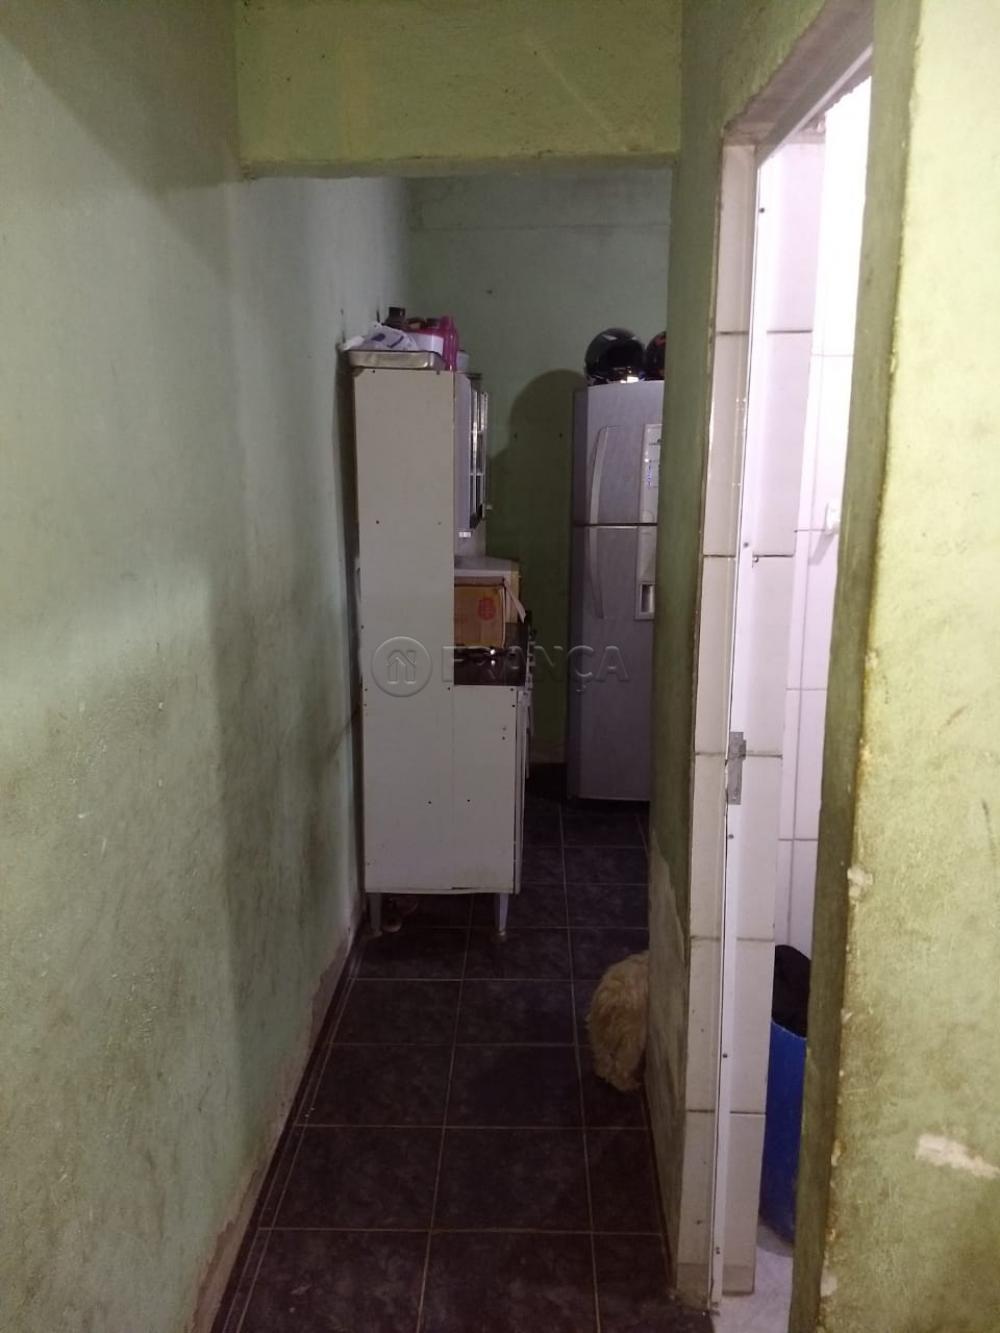 Comprar Casa / Padrão em Jacareí R$ 159.000,00 - Foto 7